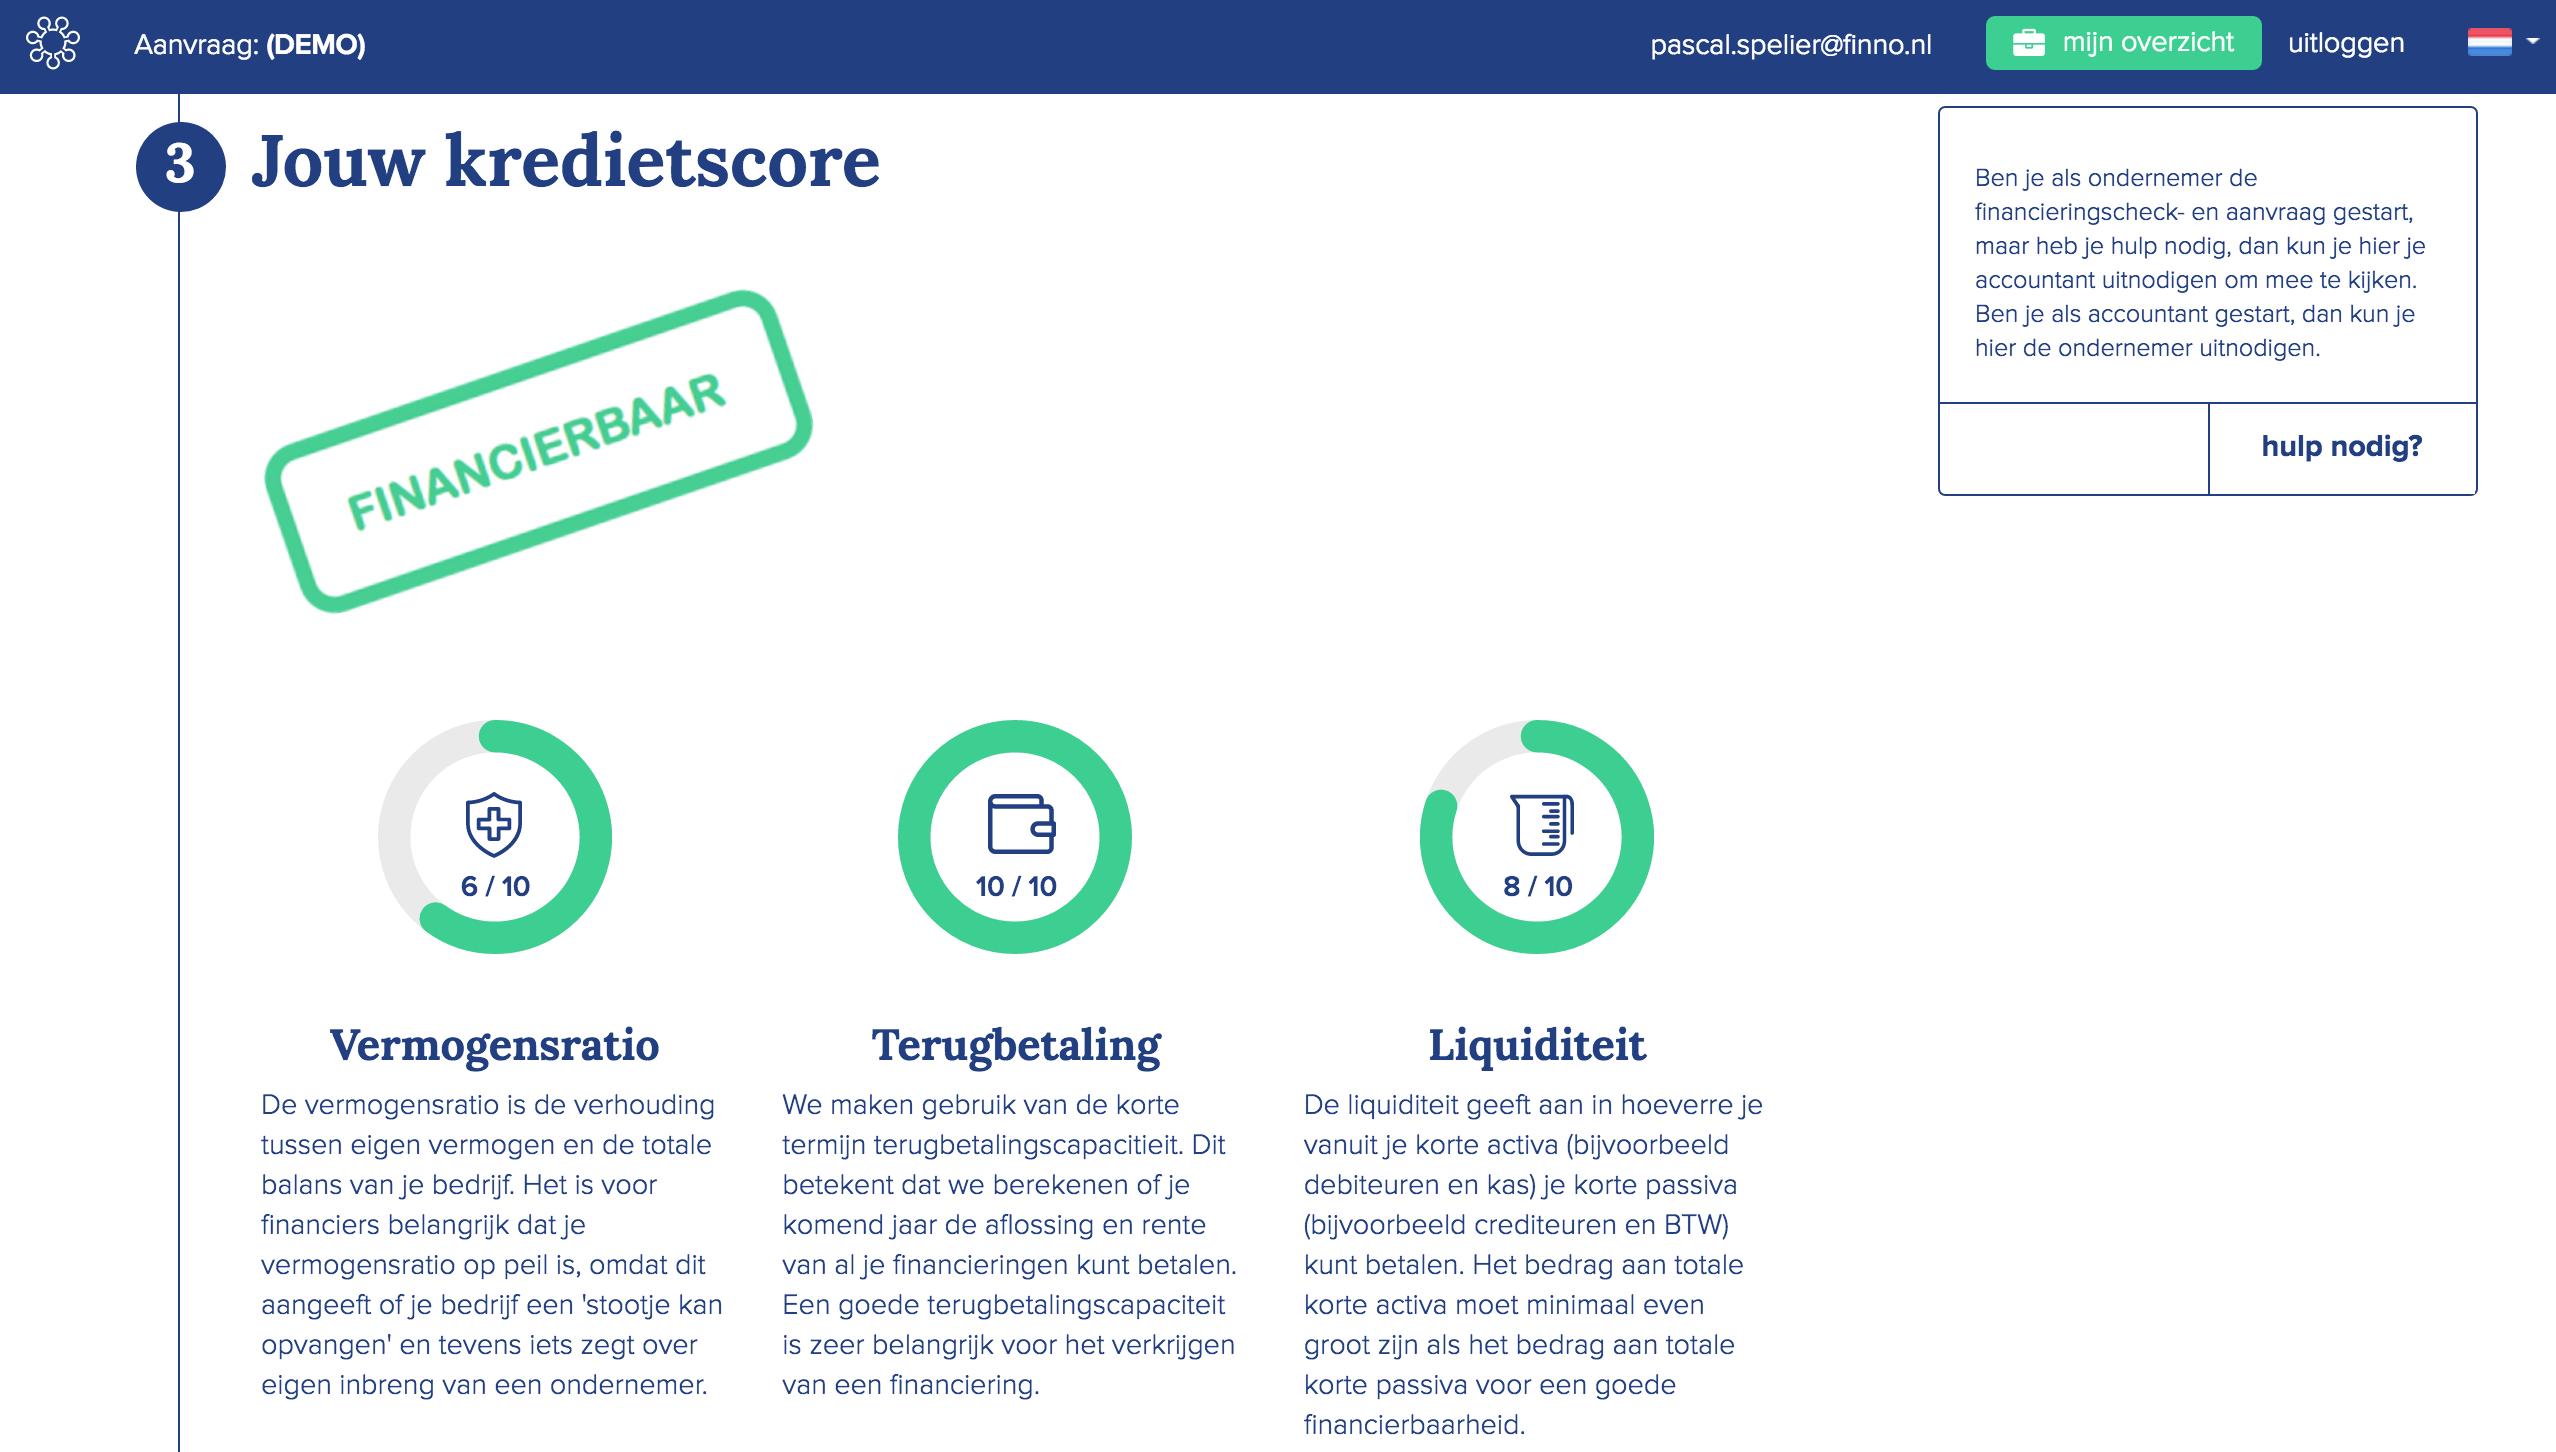 LoanStreet-kredietscore-financierbaar-vermogensratio-terugbetalingscapaciteit-liquiditeit-finno